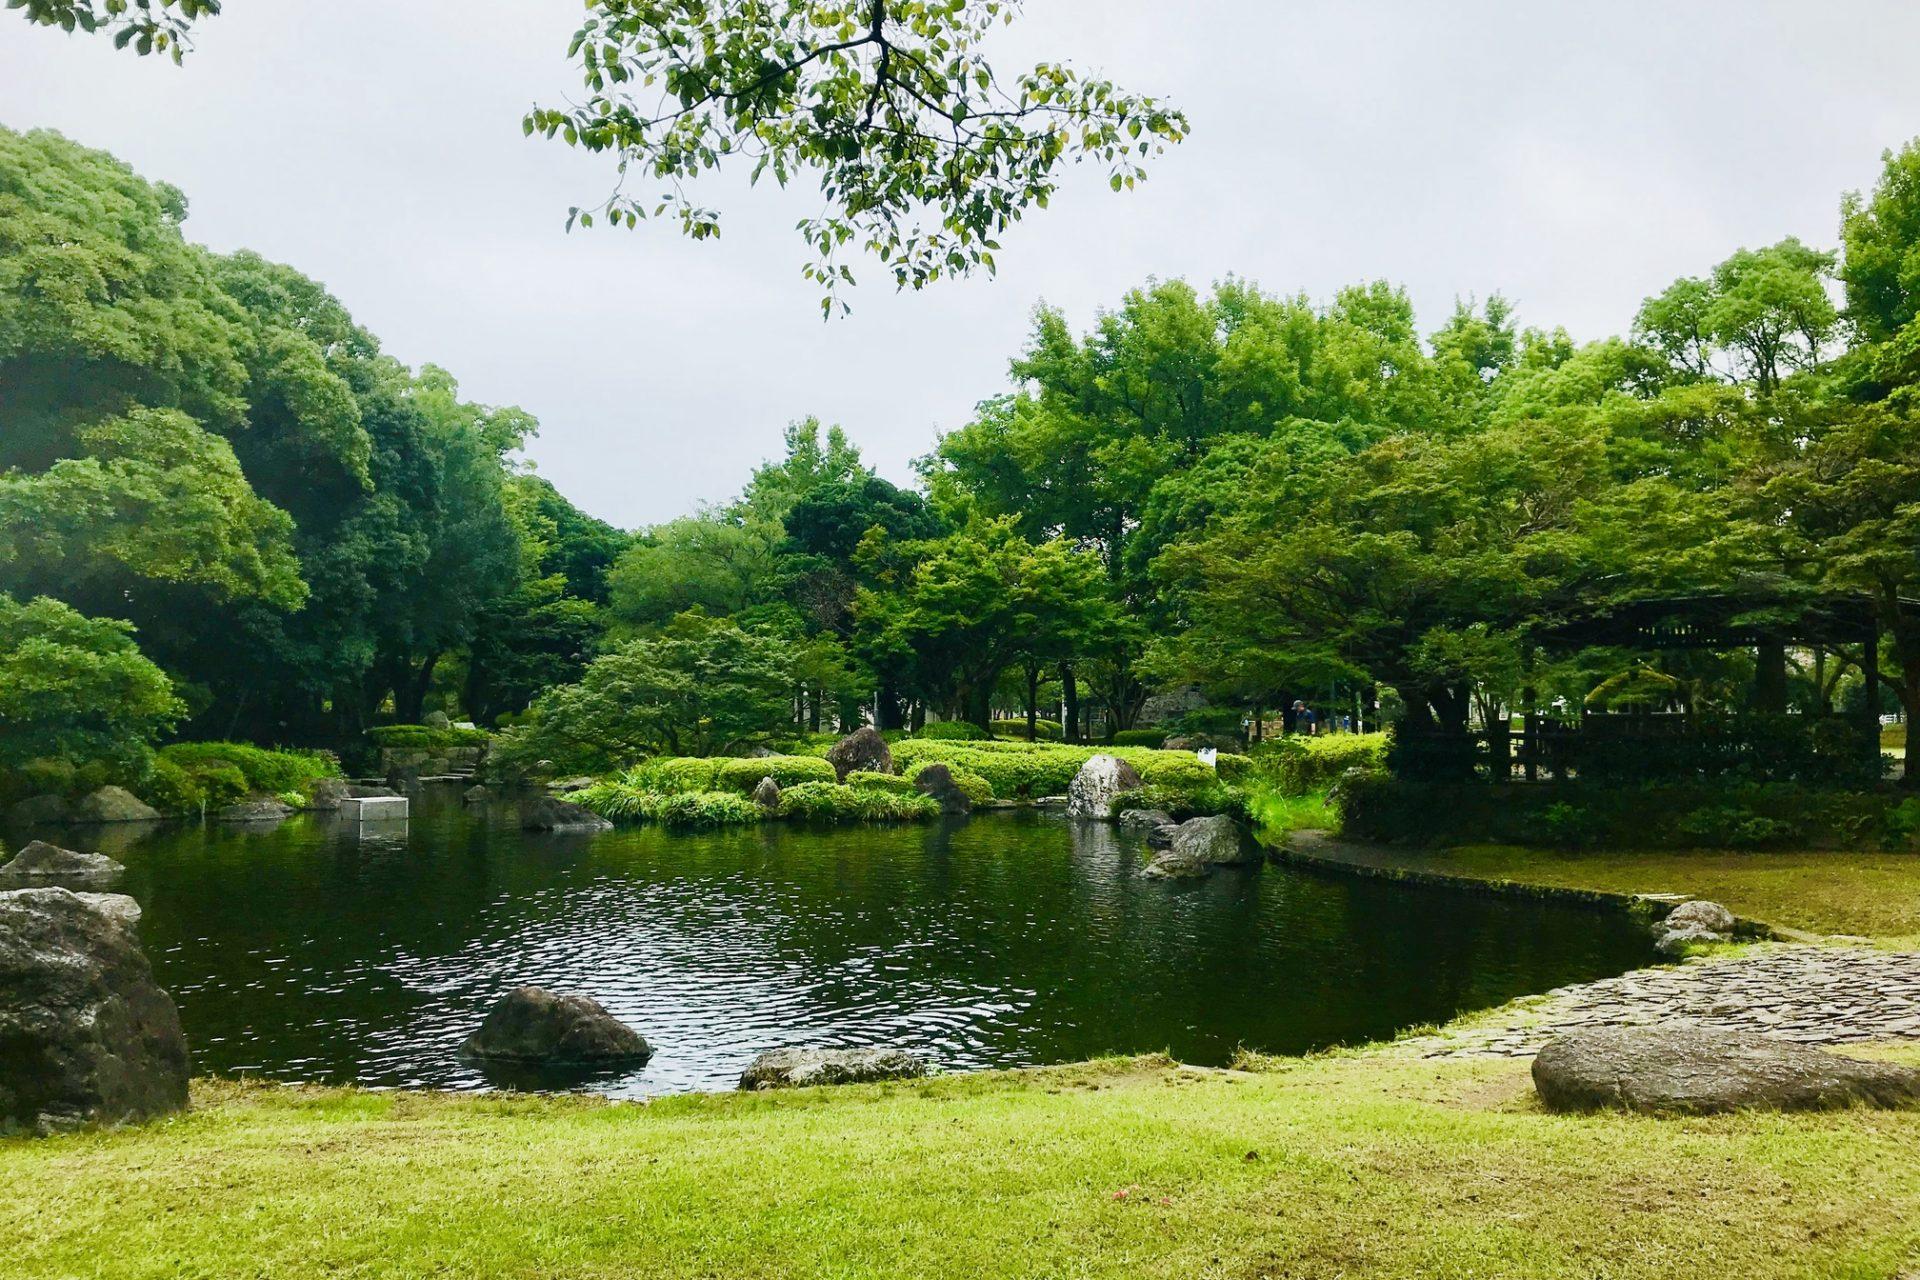 池 宮崎中央公園 宮崎駅 大淀川 橘公園 ウォーキング コース さるく